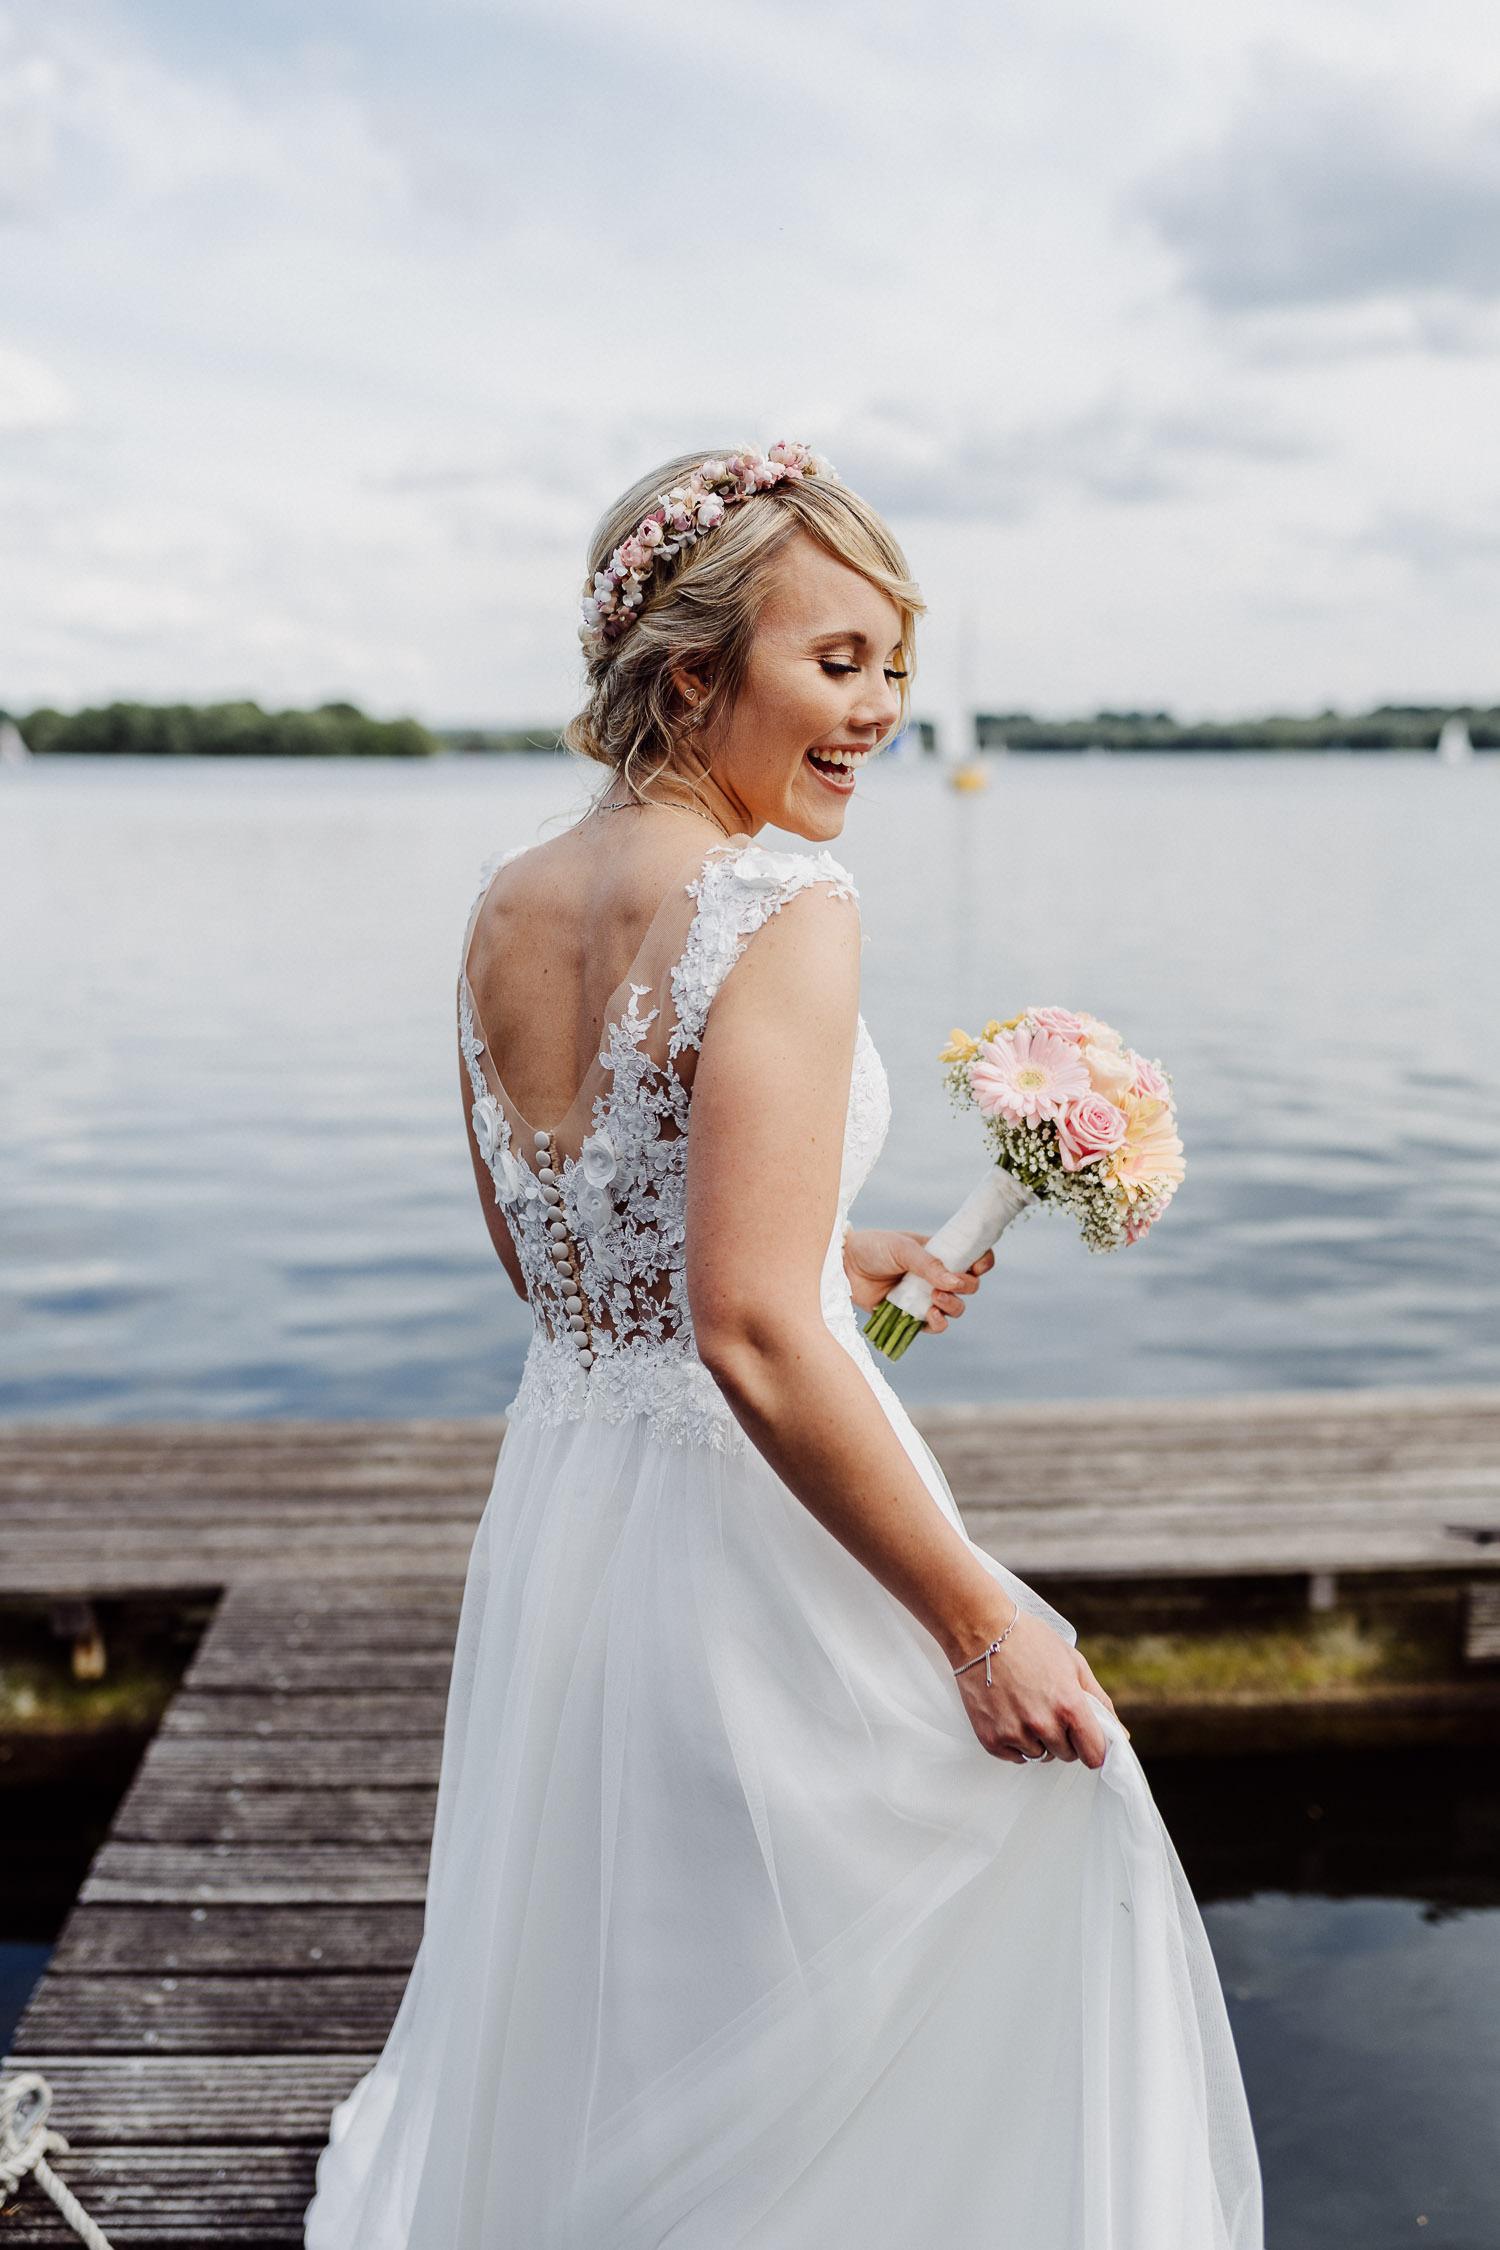 Braut im Brautkleid geht über Bootssteg